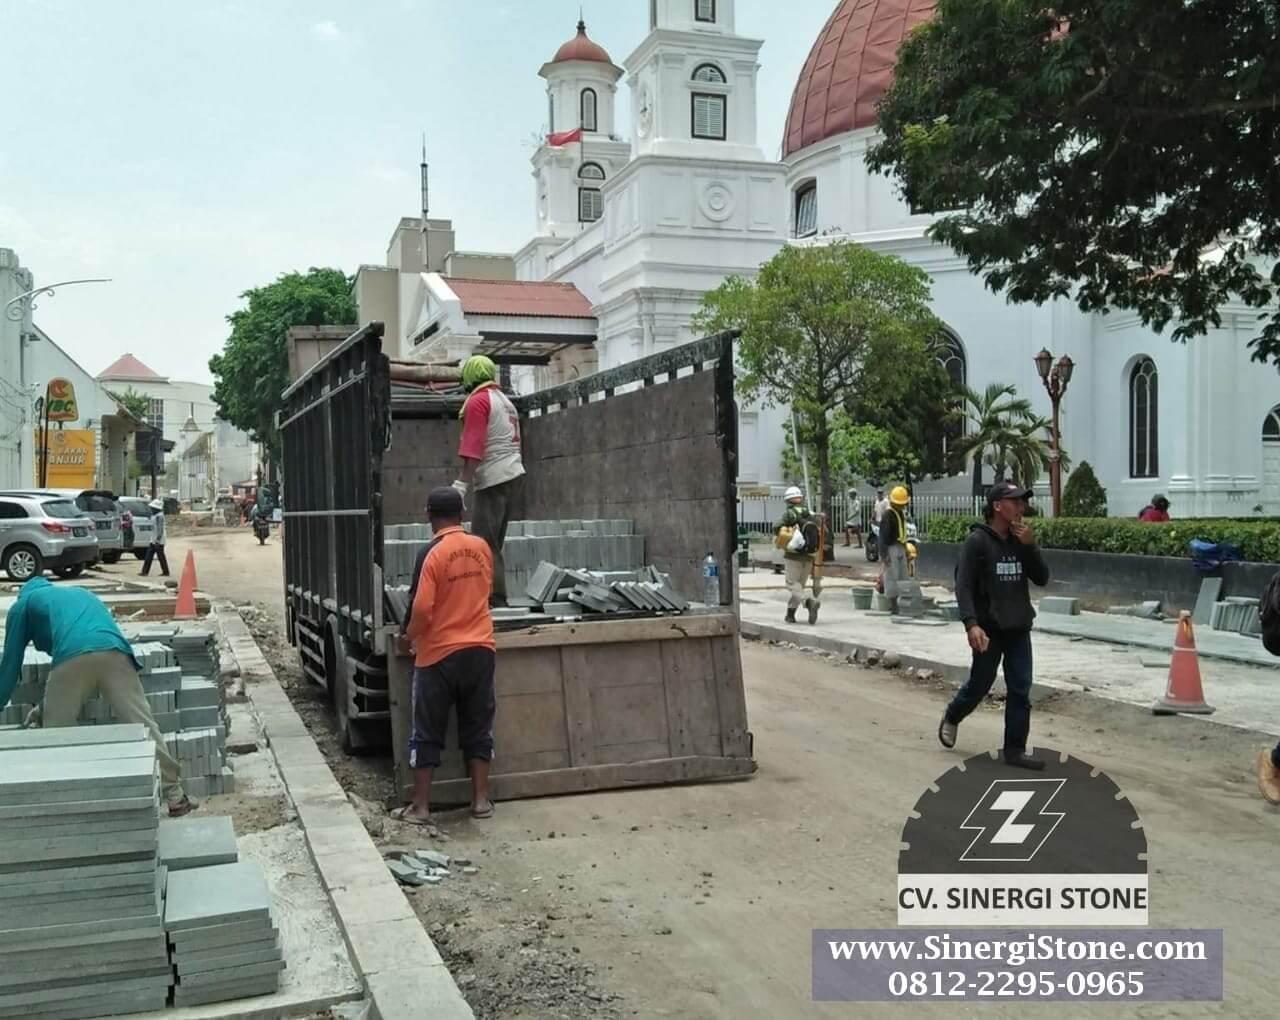 Supply batu andesit cv sinergi stone pada proyek kota lama semarang tahun 2018